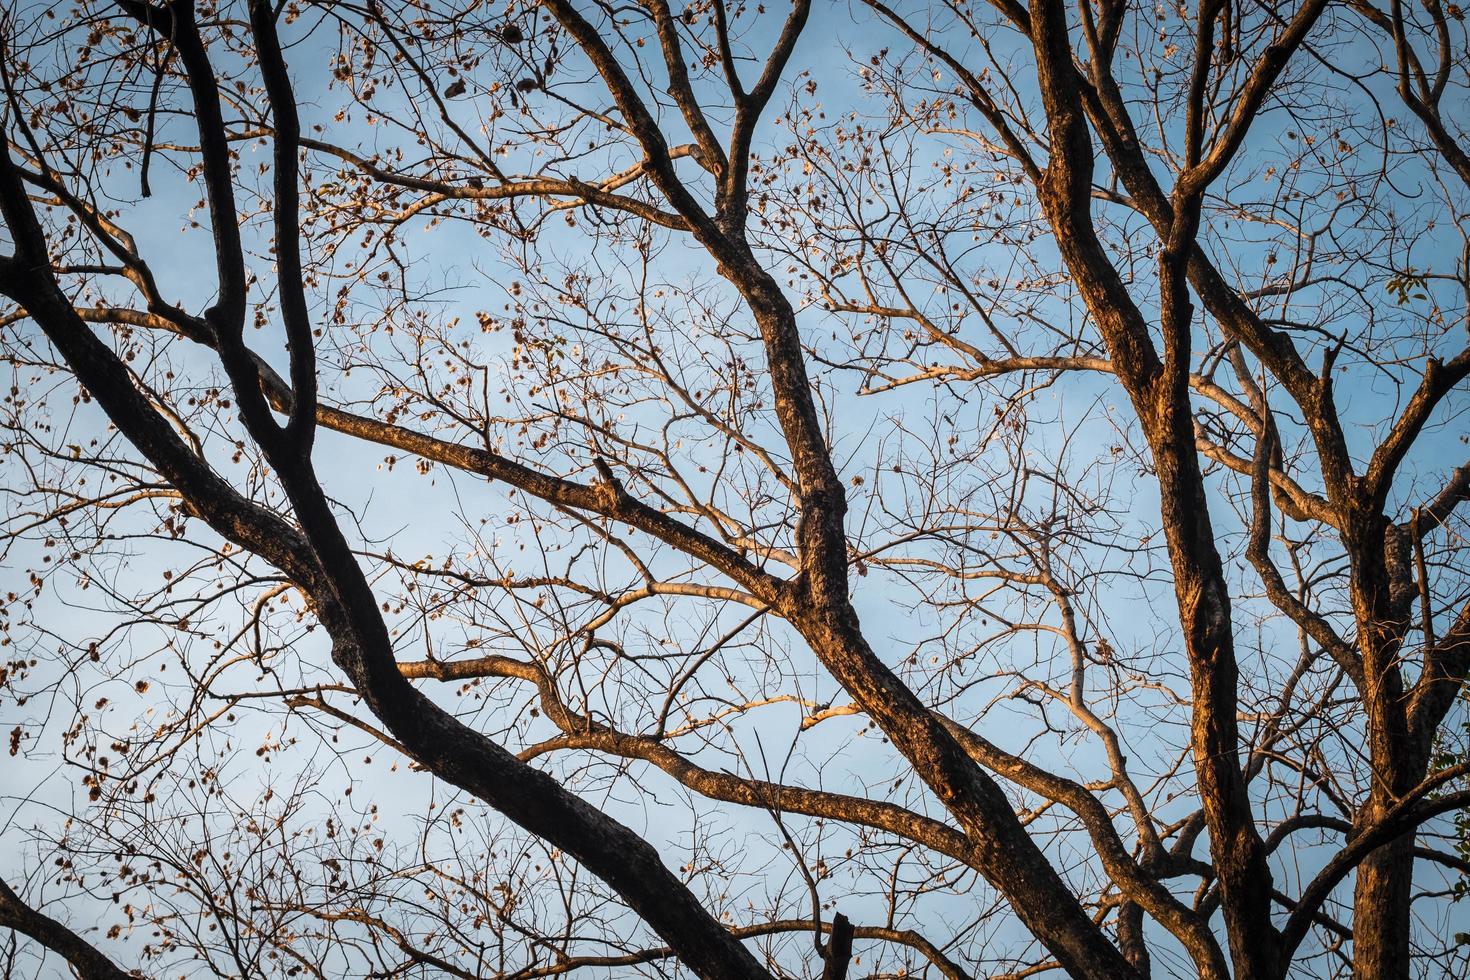 branche d & # 39; arbre sur le ciel bleu d & # 39; hiver photo